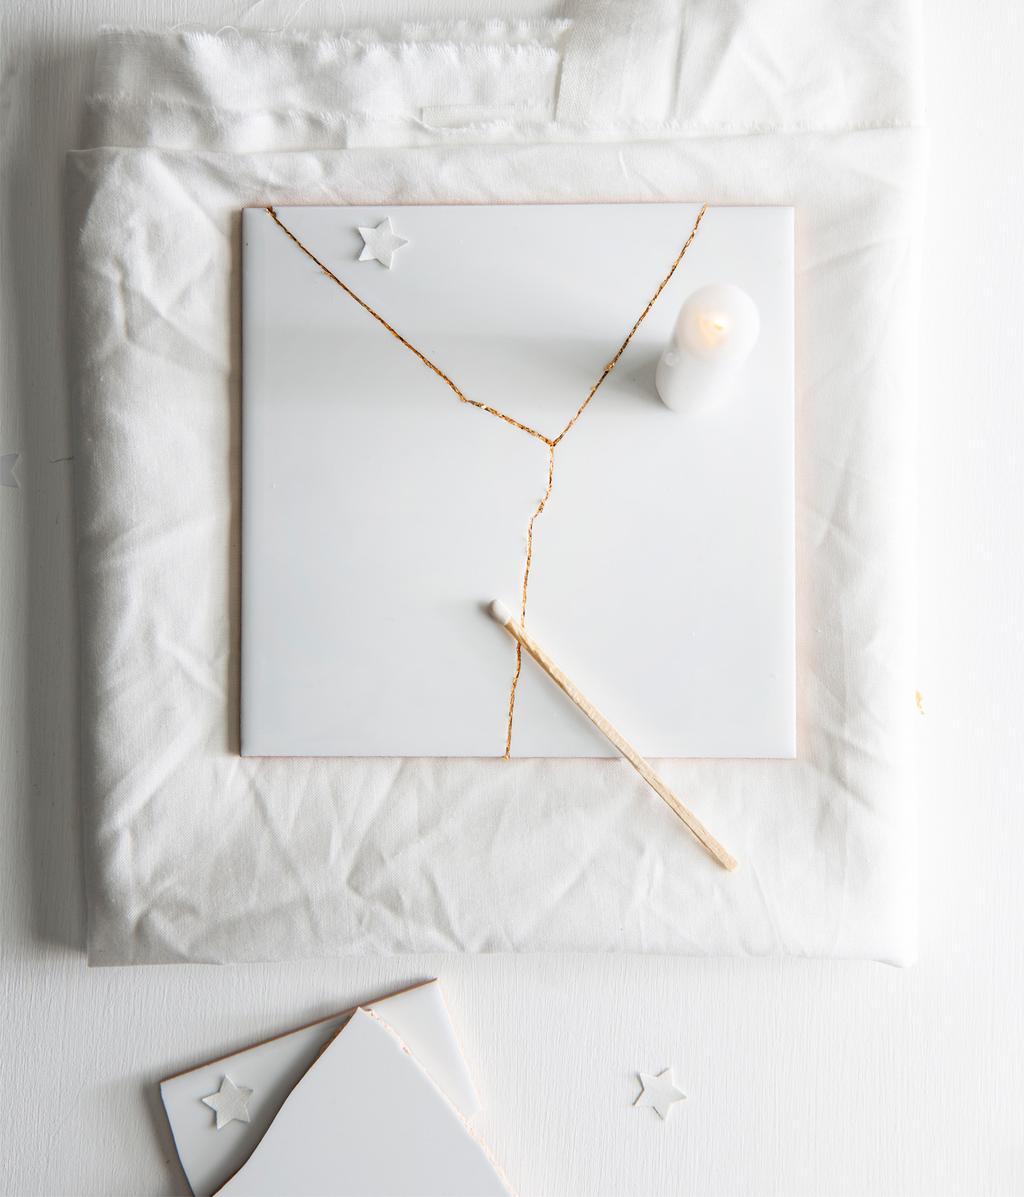 Witte tegel | makkelijke kerstdecoraties | DIY | vtwonen 12-2020